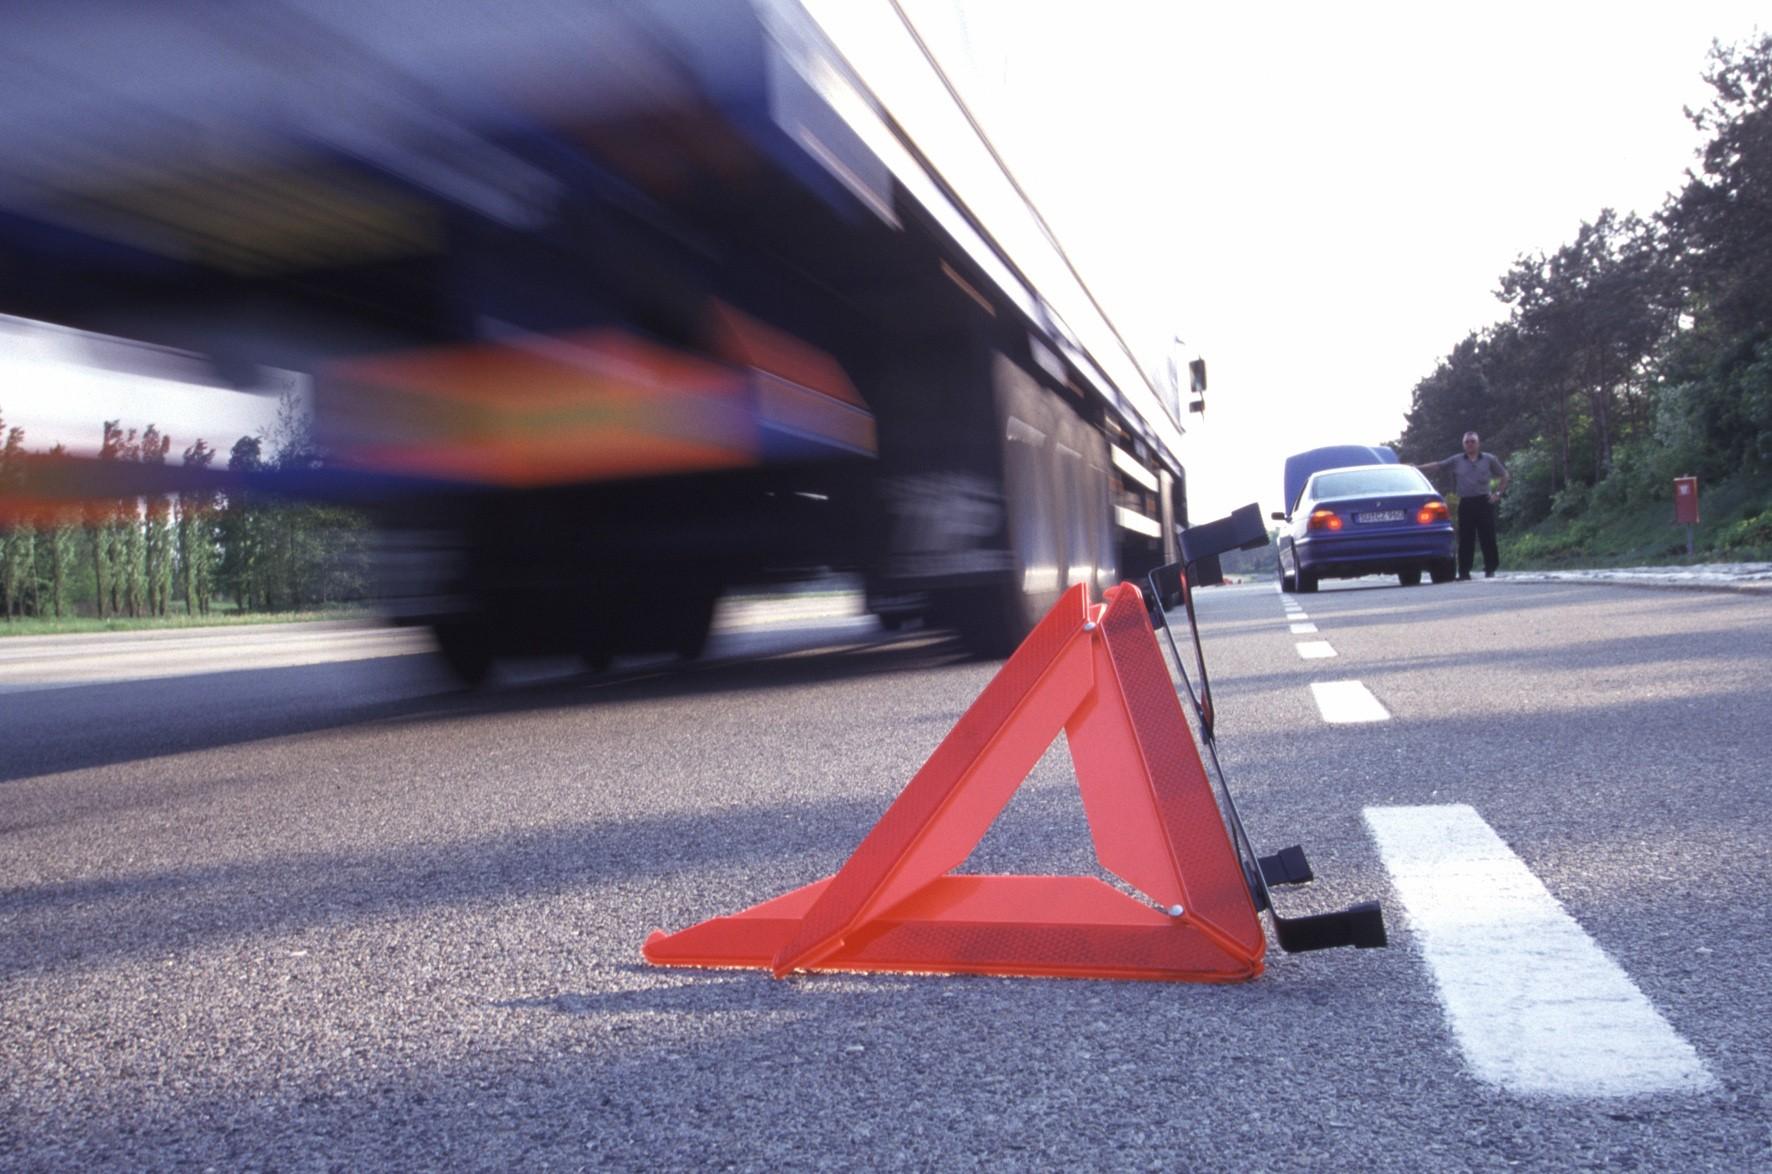 Под Запорожьем грузовик столкнулся с легковым автомобилем: погиб капитан полиции – ФОТО